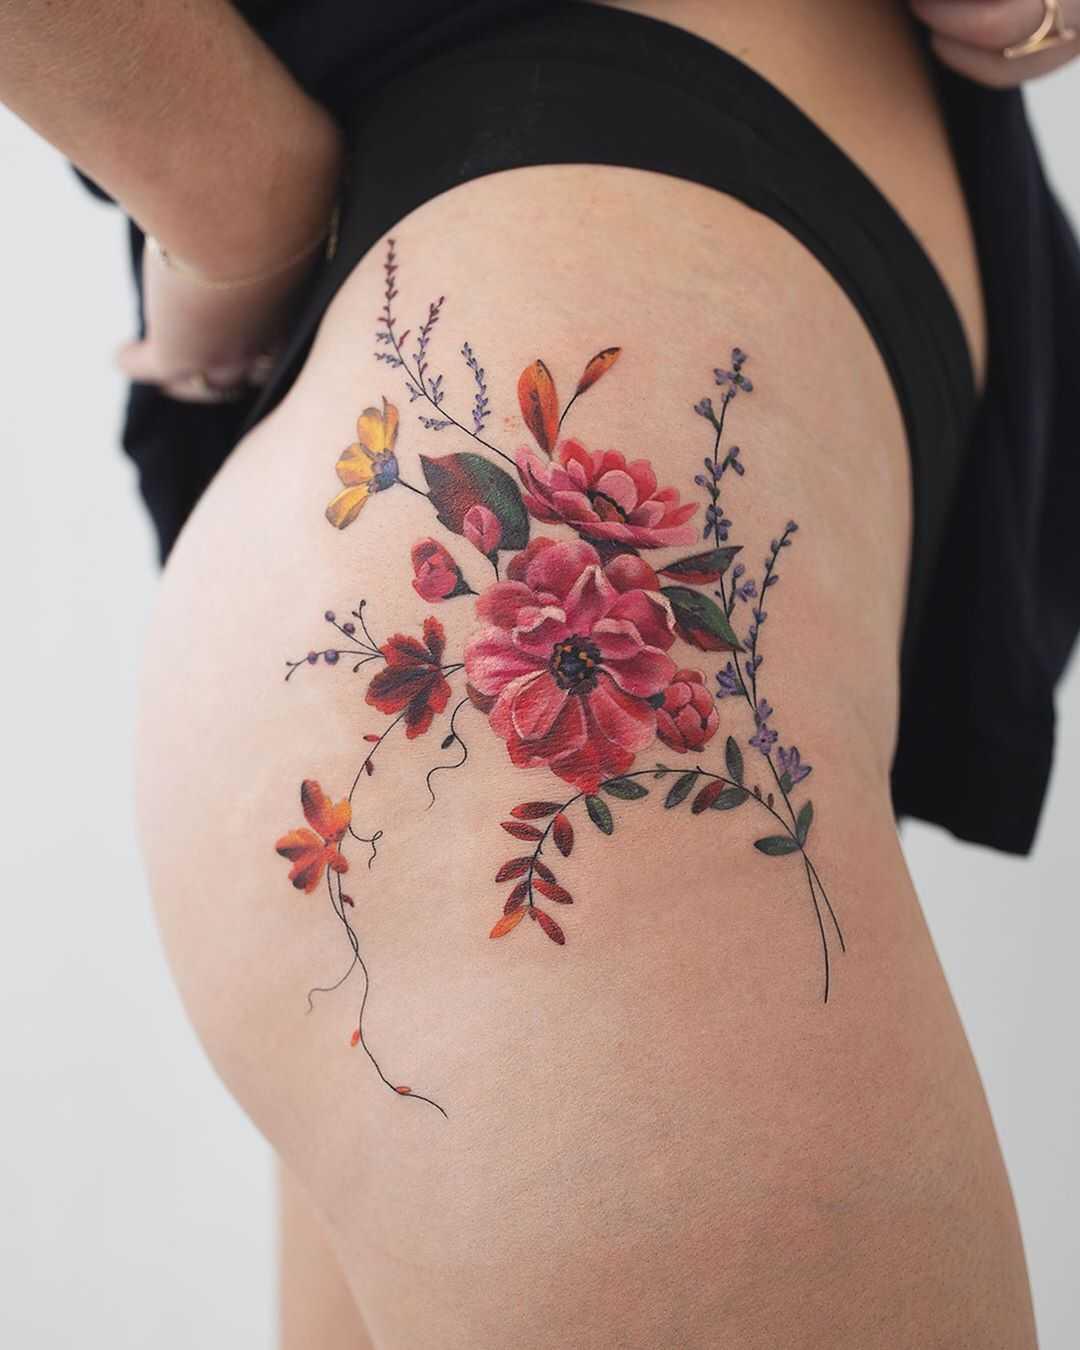 Delicate flowers on a hip by Rey Jasper